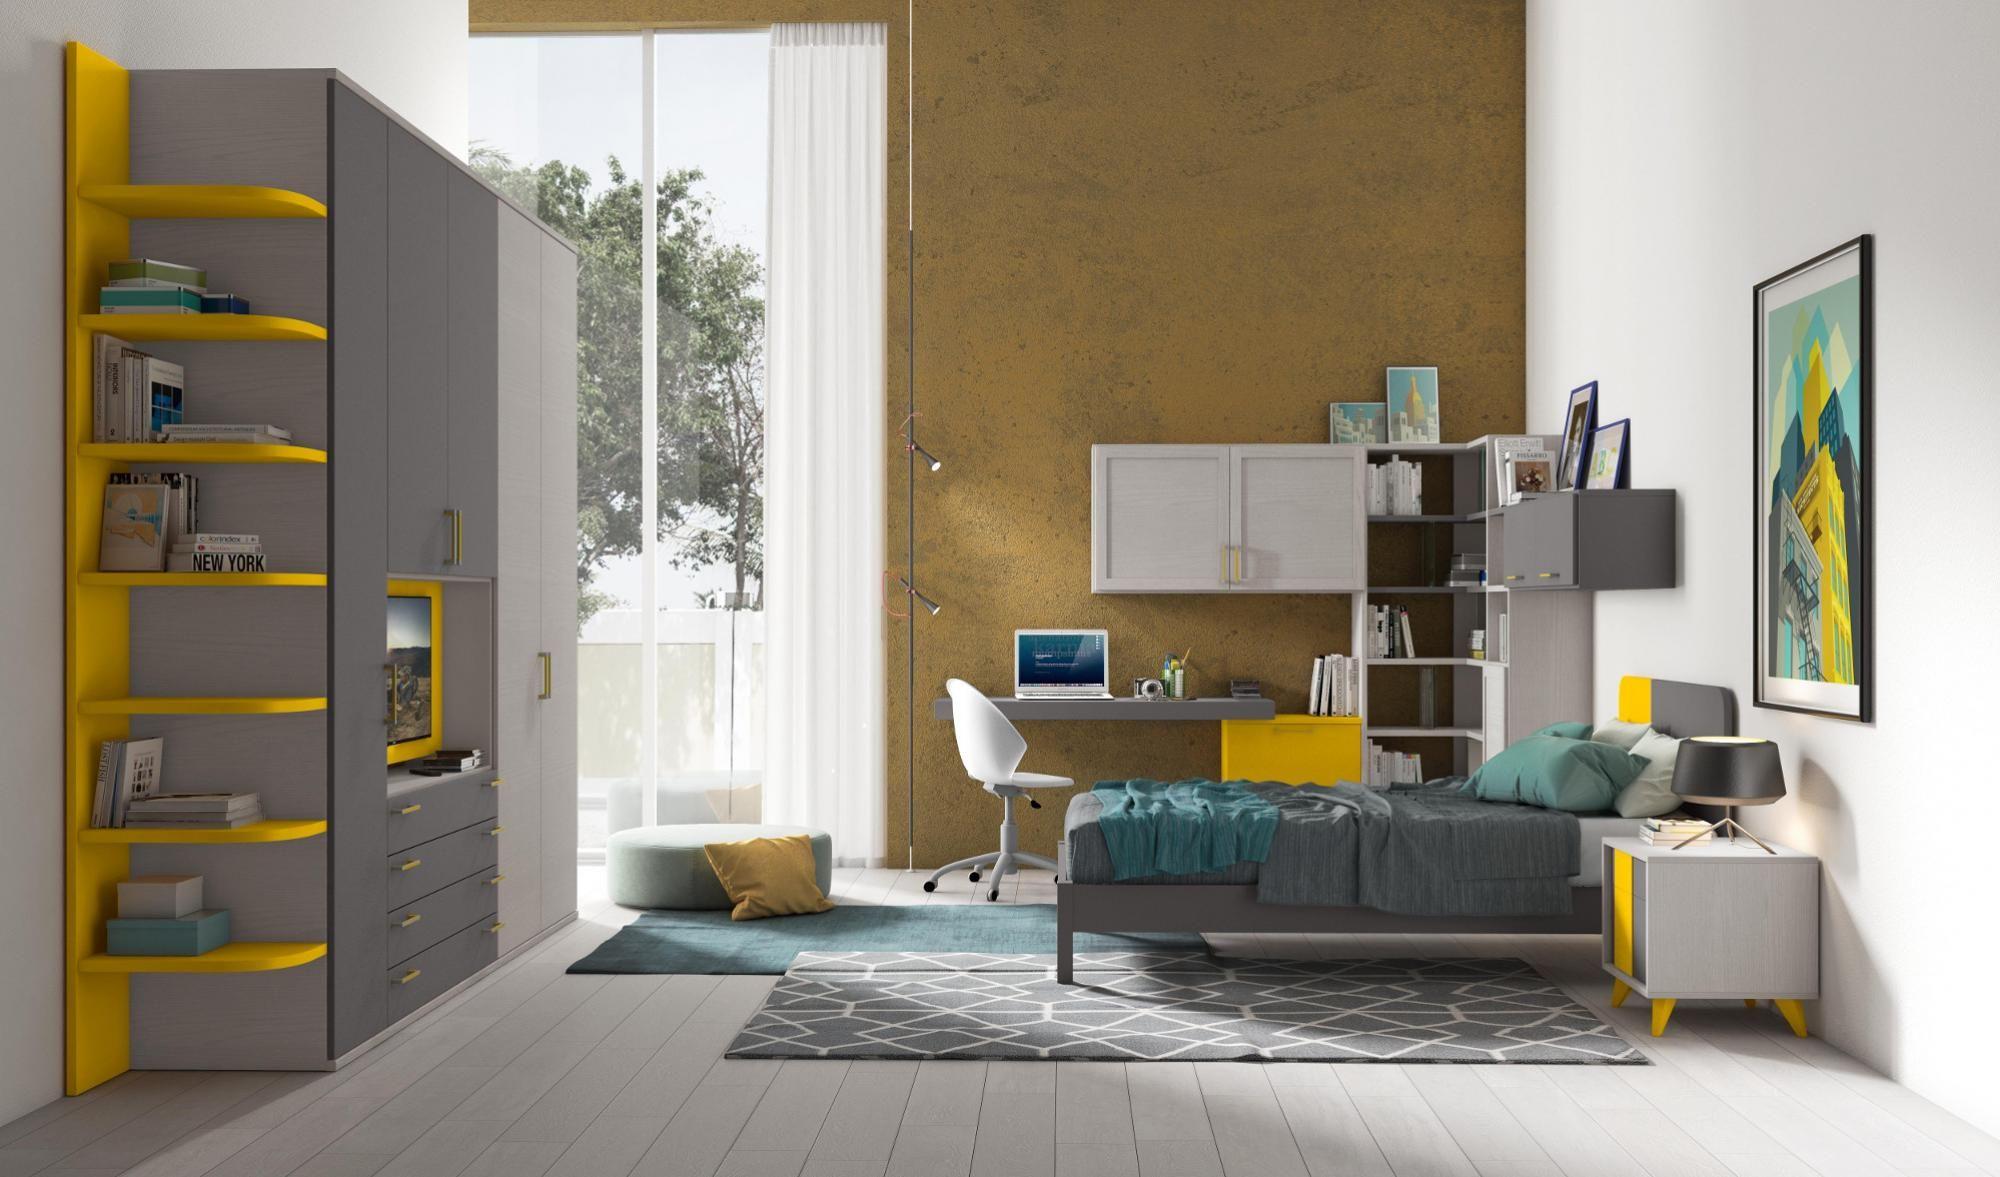 Finiture grigio, giallo e bianco Arredo camere da letto per ...